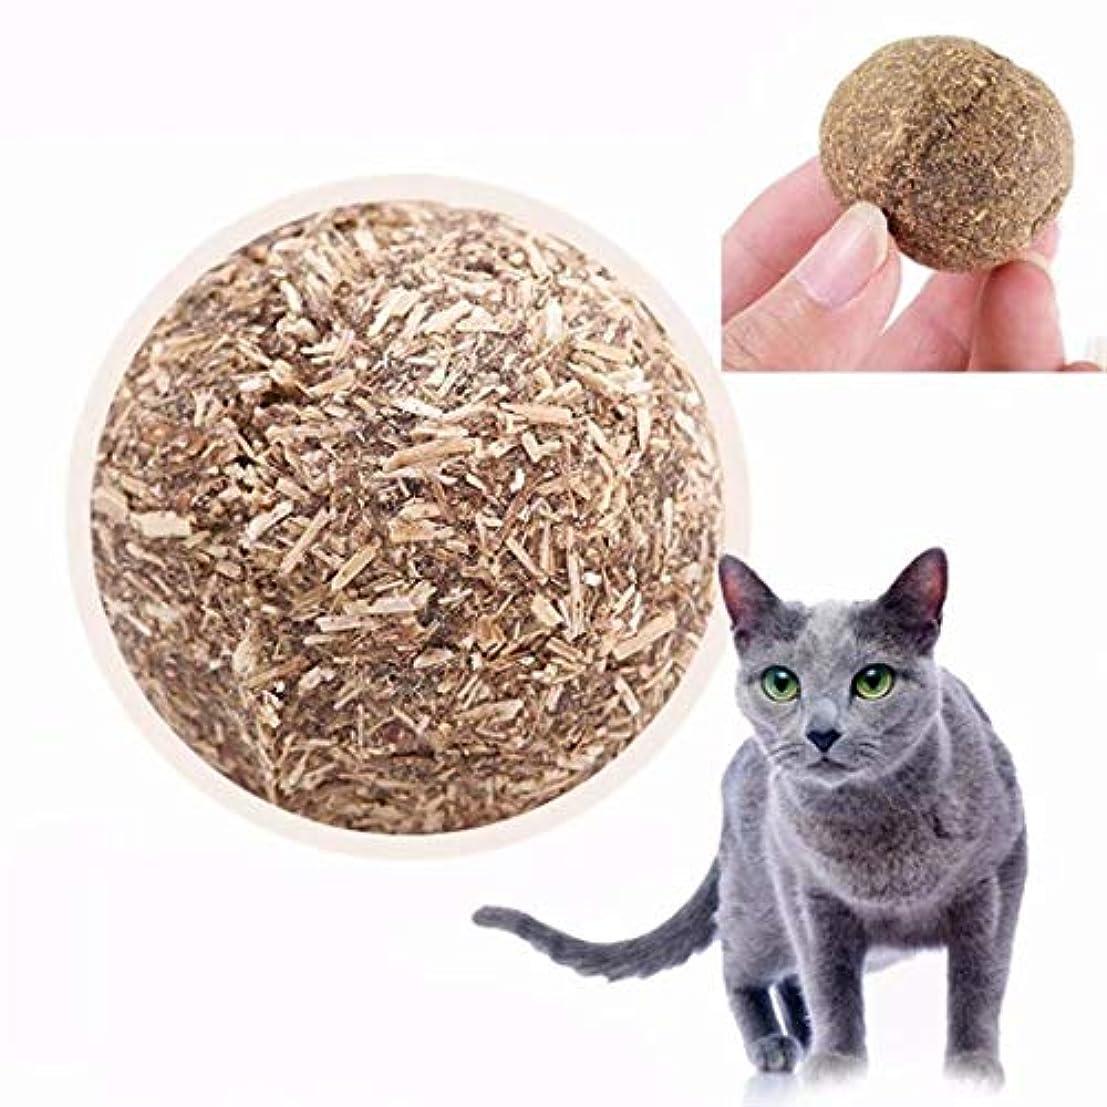 同意建設ほめる七里の香 猫ミントボール 歯ぎしり?噛むおもちゃ 猫ストレス解消グッズ